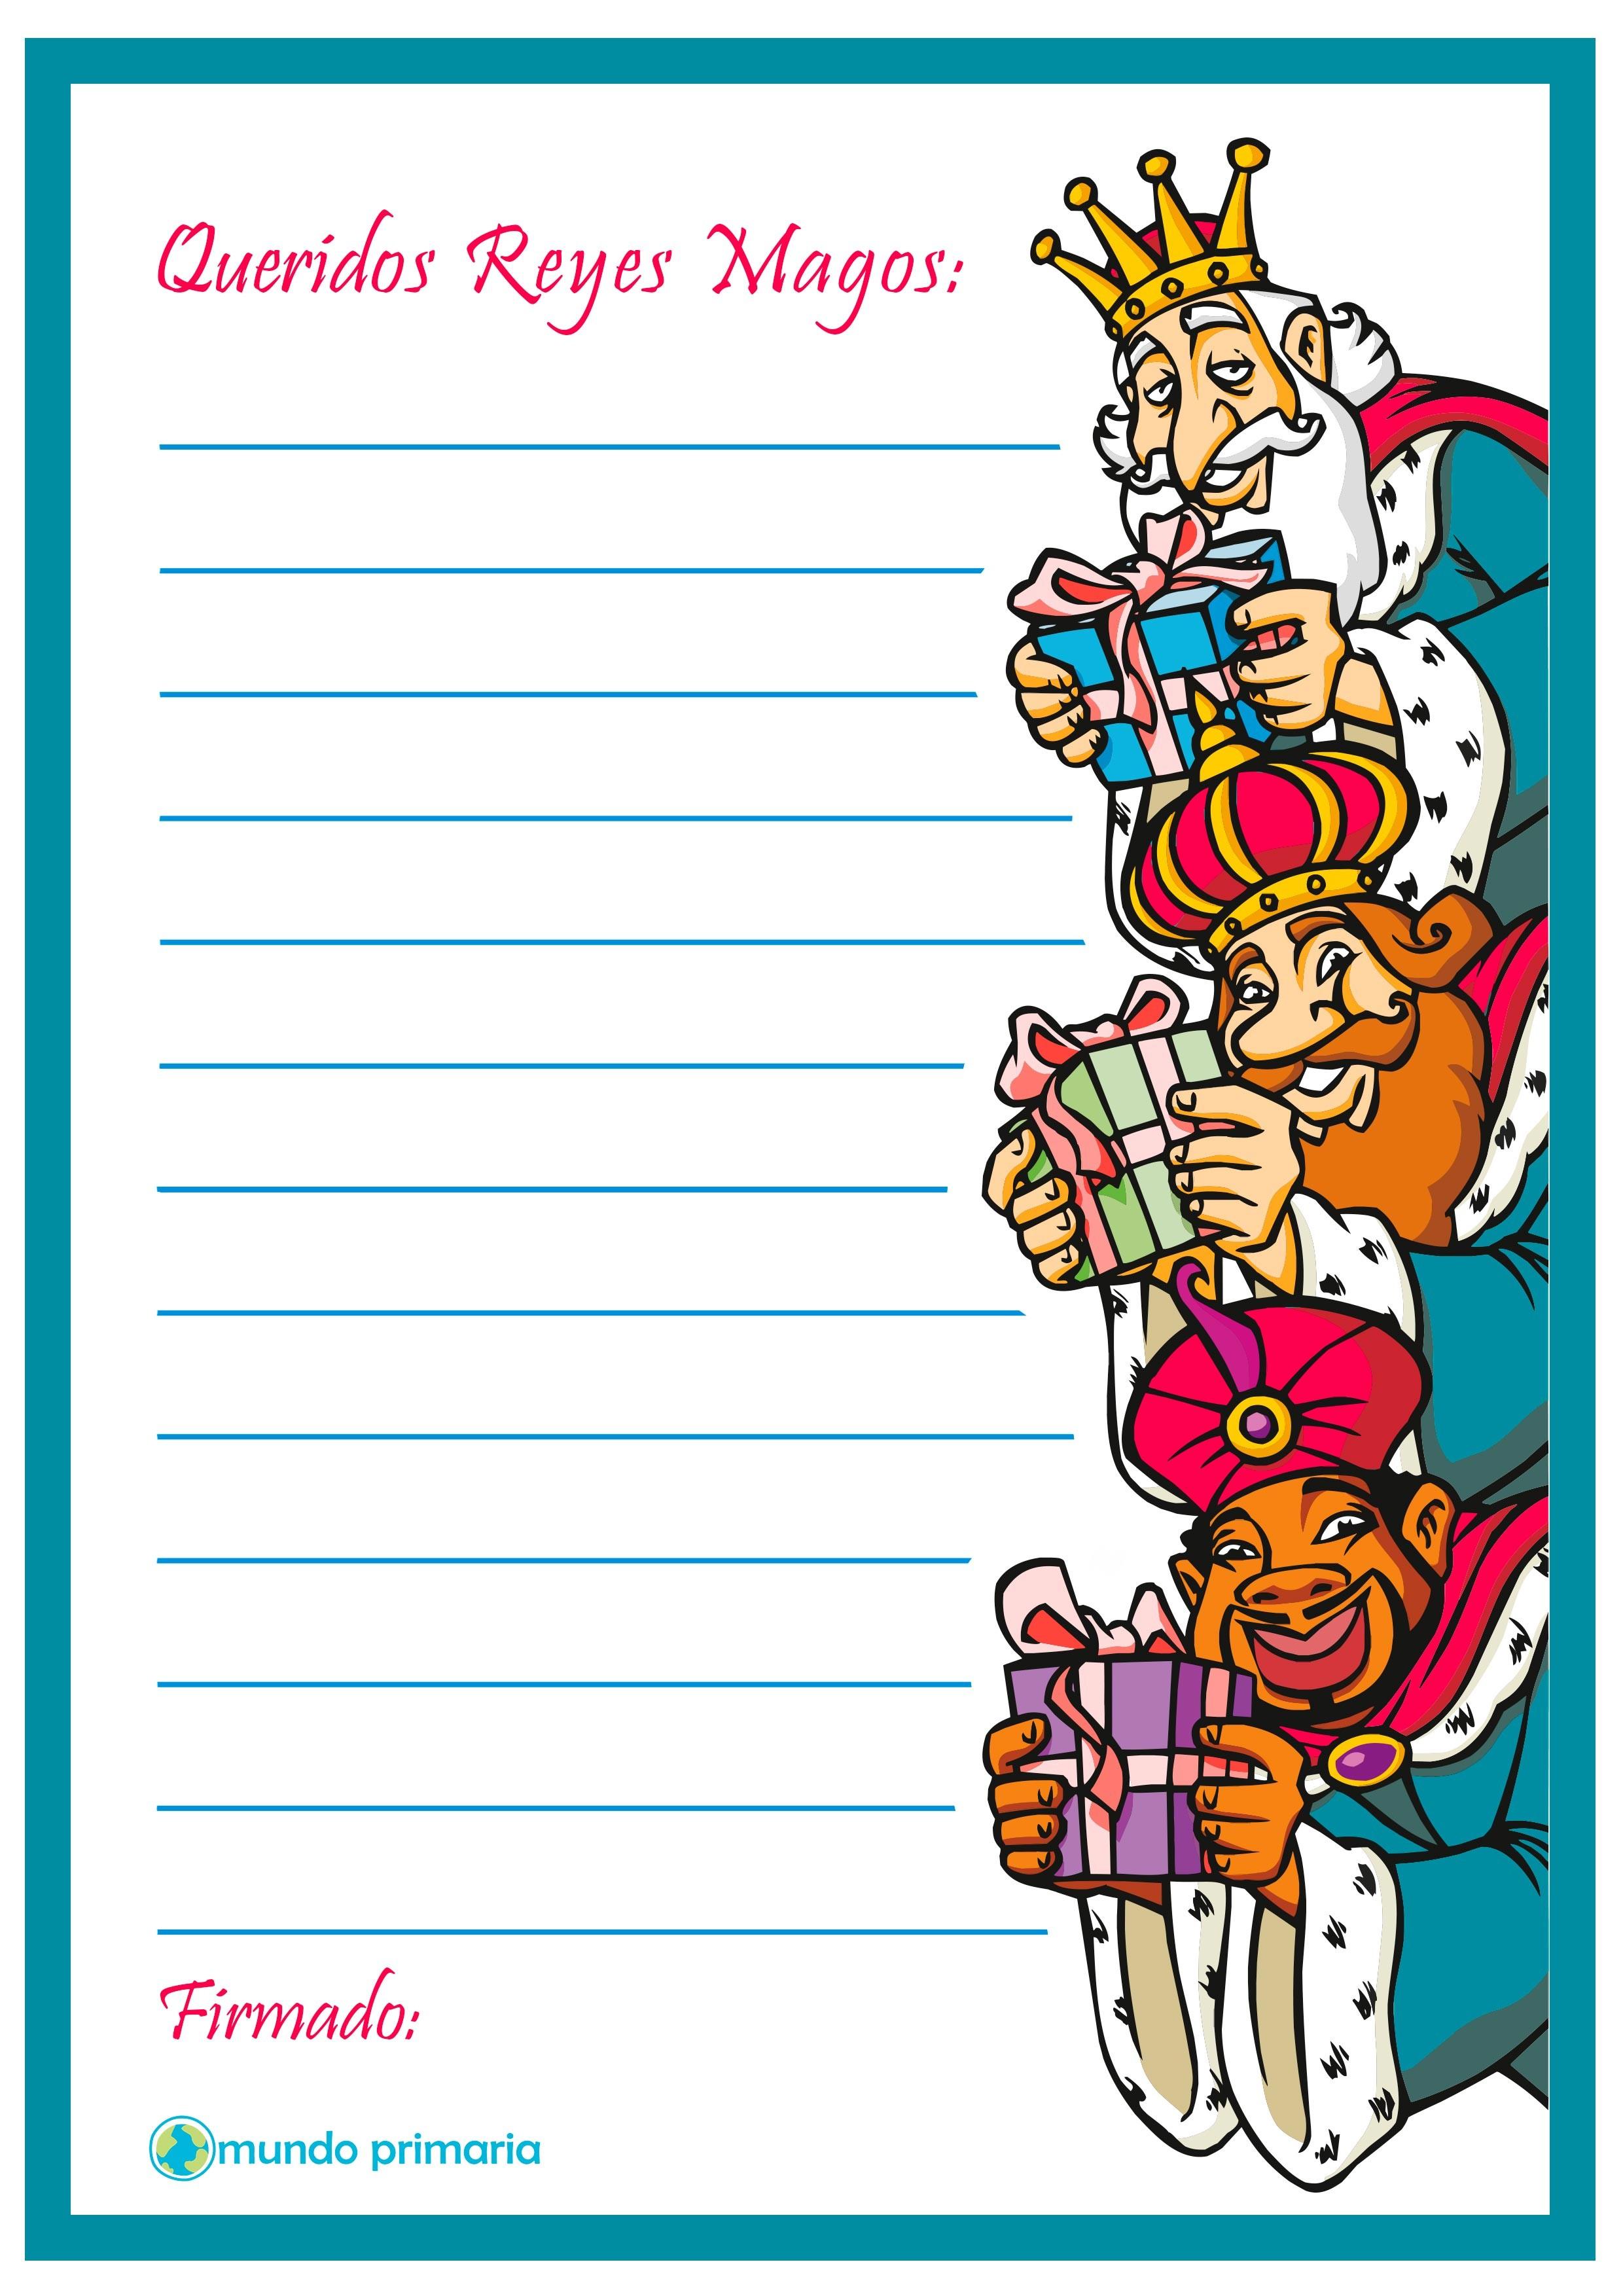 Calendario Para Imprimir 2019 Escolar Más Populares Más De 50 Cartas Para Enviar A Los Reyes Para Imprimir Y Descargar Of Calendario Para Imprimir 2019 Escolar Más Reciente Resultado De Imagen Para Imprimible Hojas De Agenda